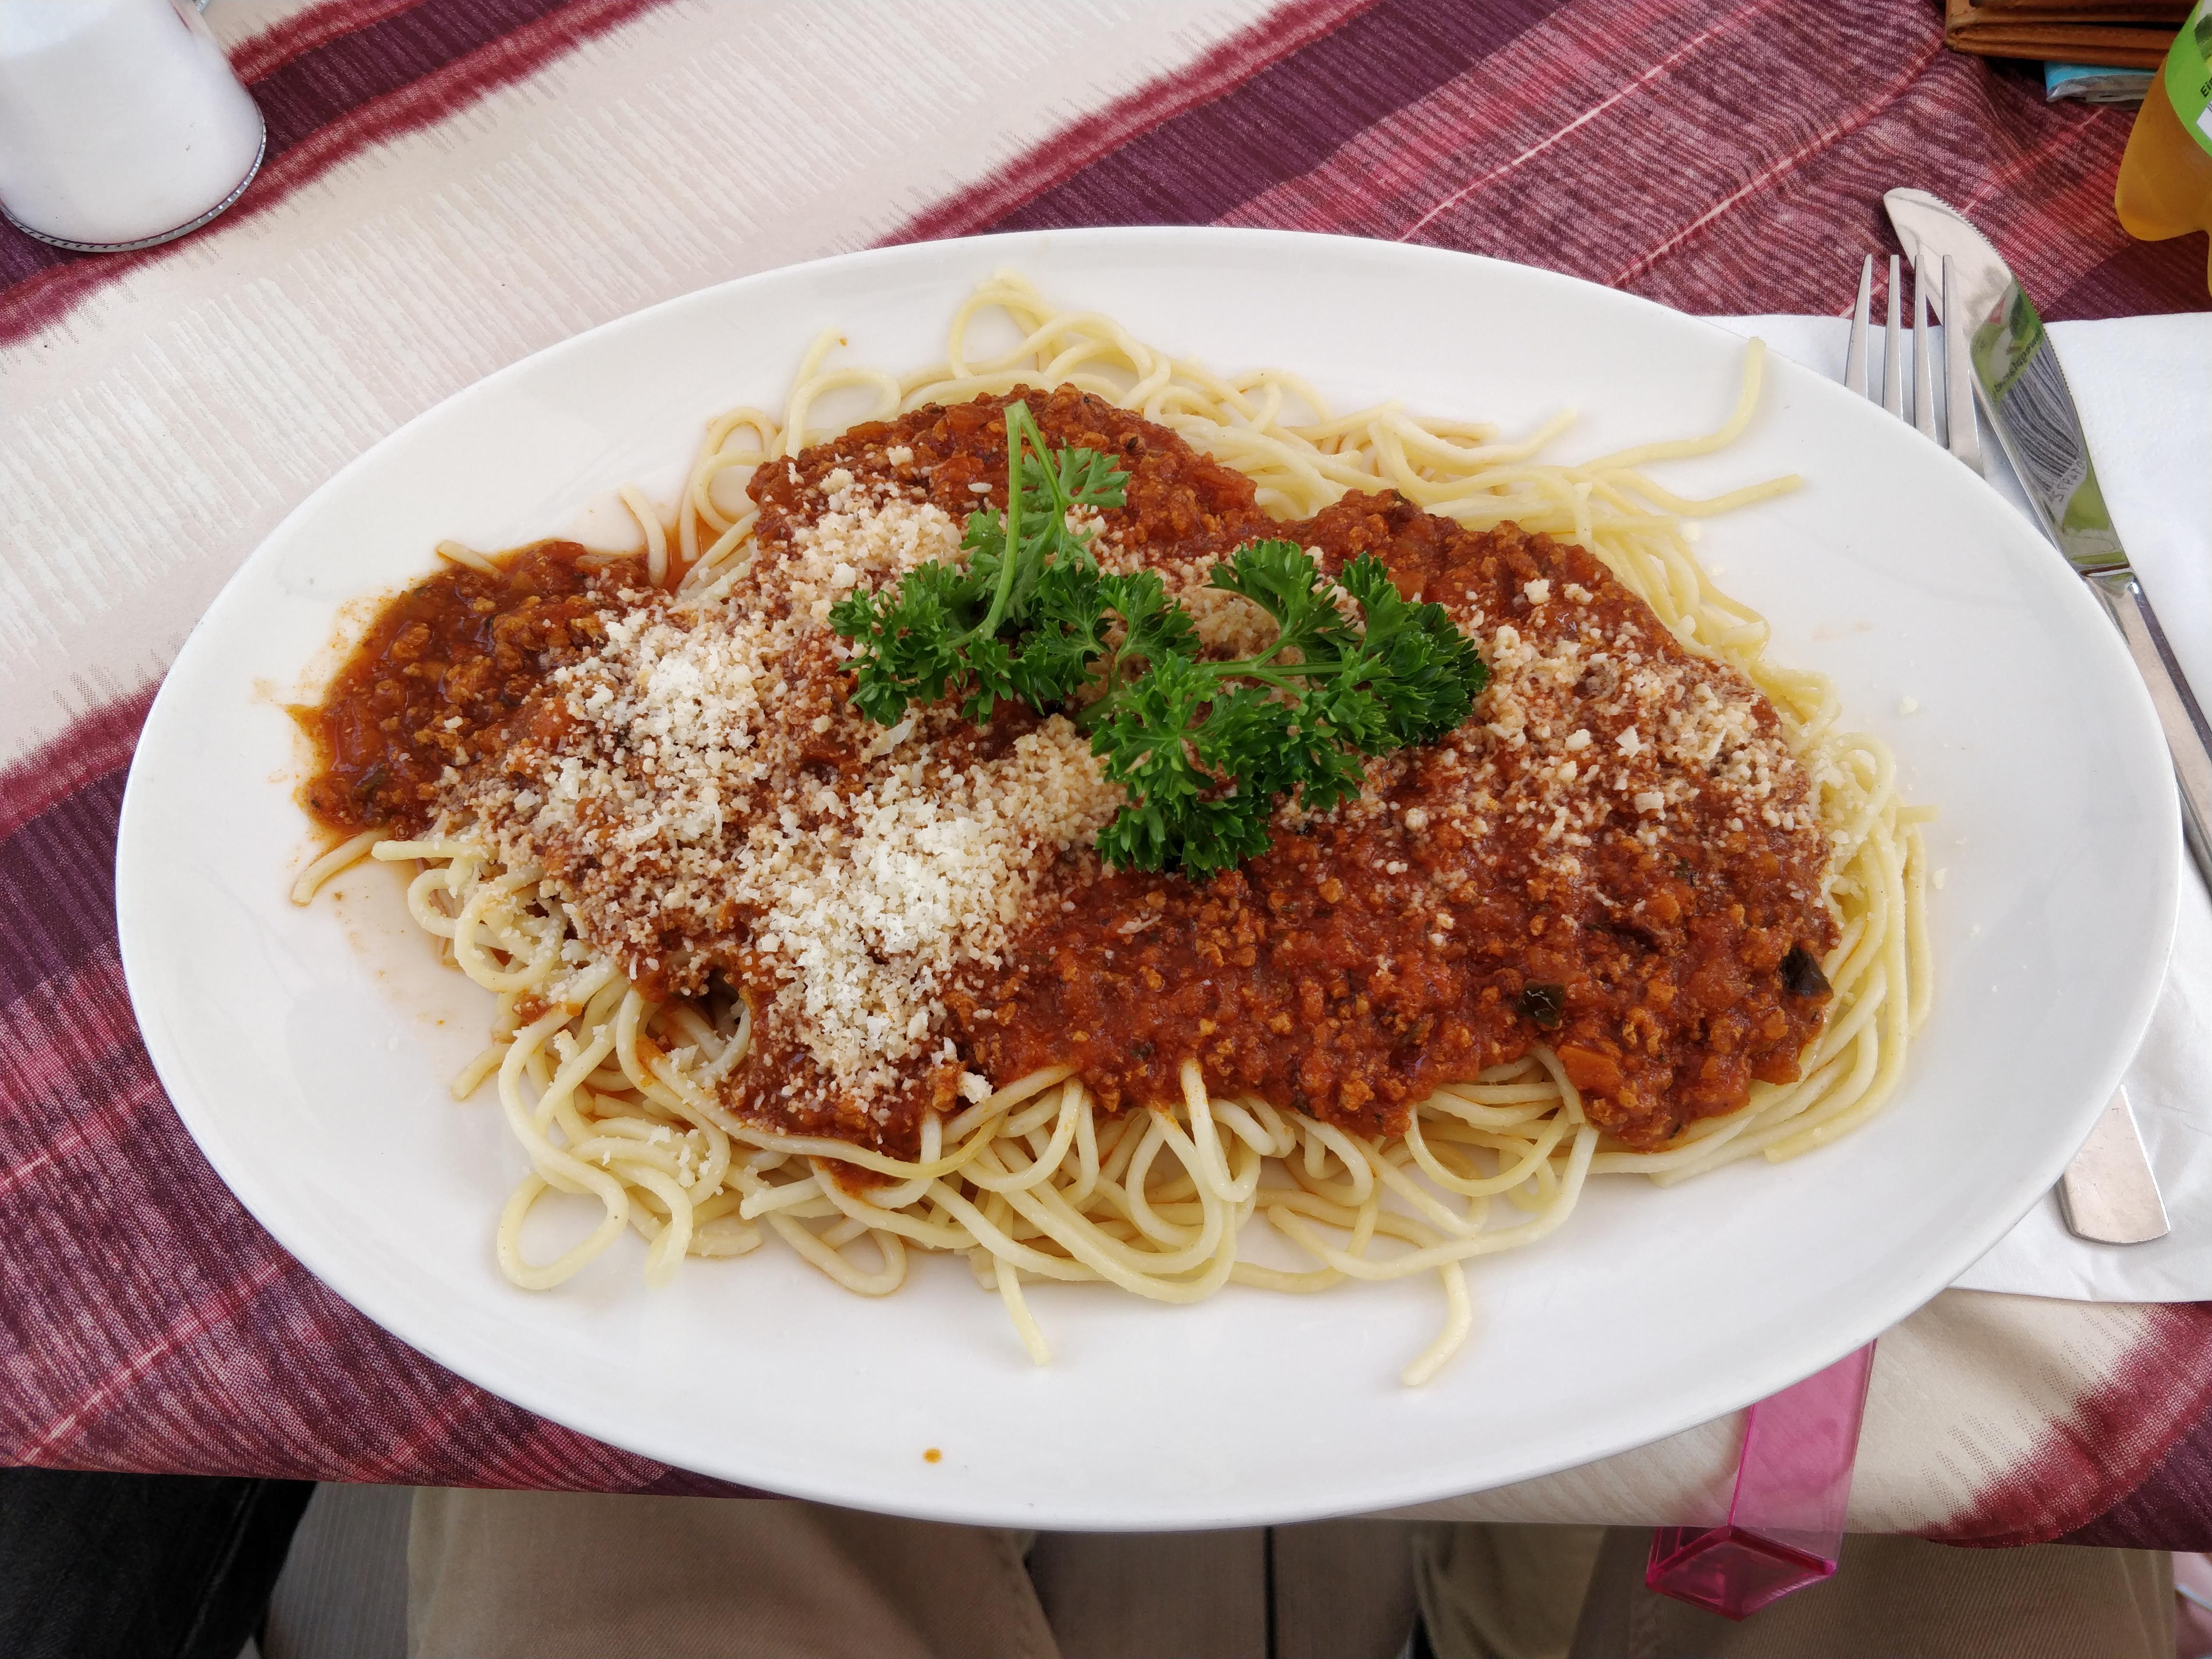 http://foodloader.net/nico_2017-08-24_spaghetti-bolognese.jpg